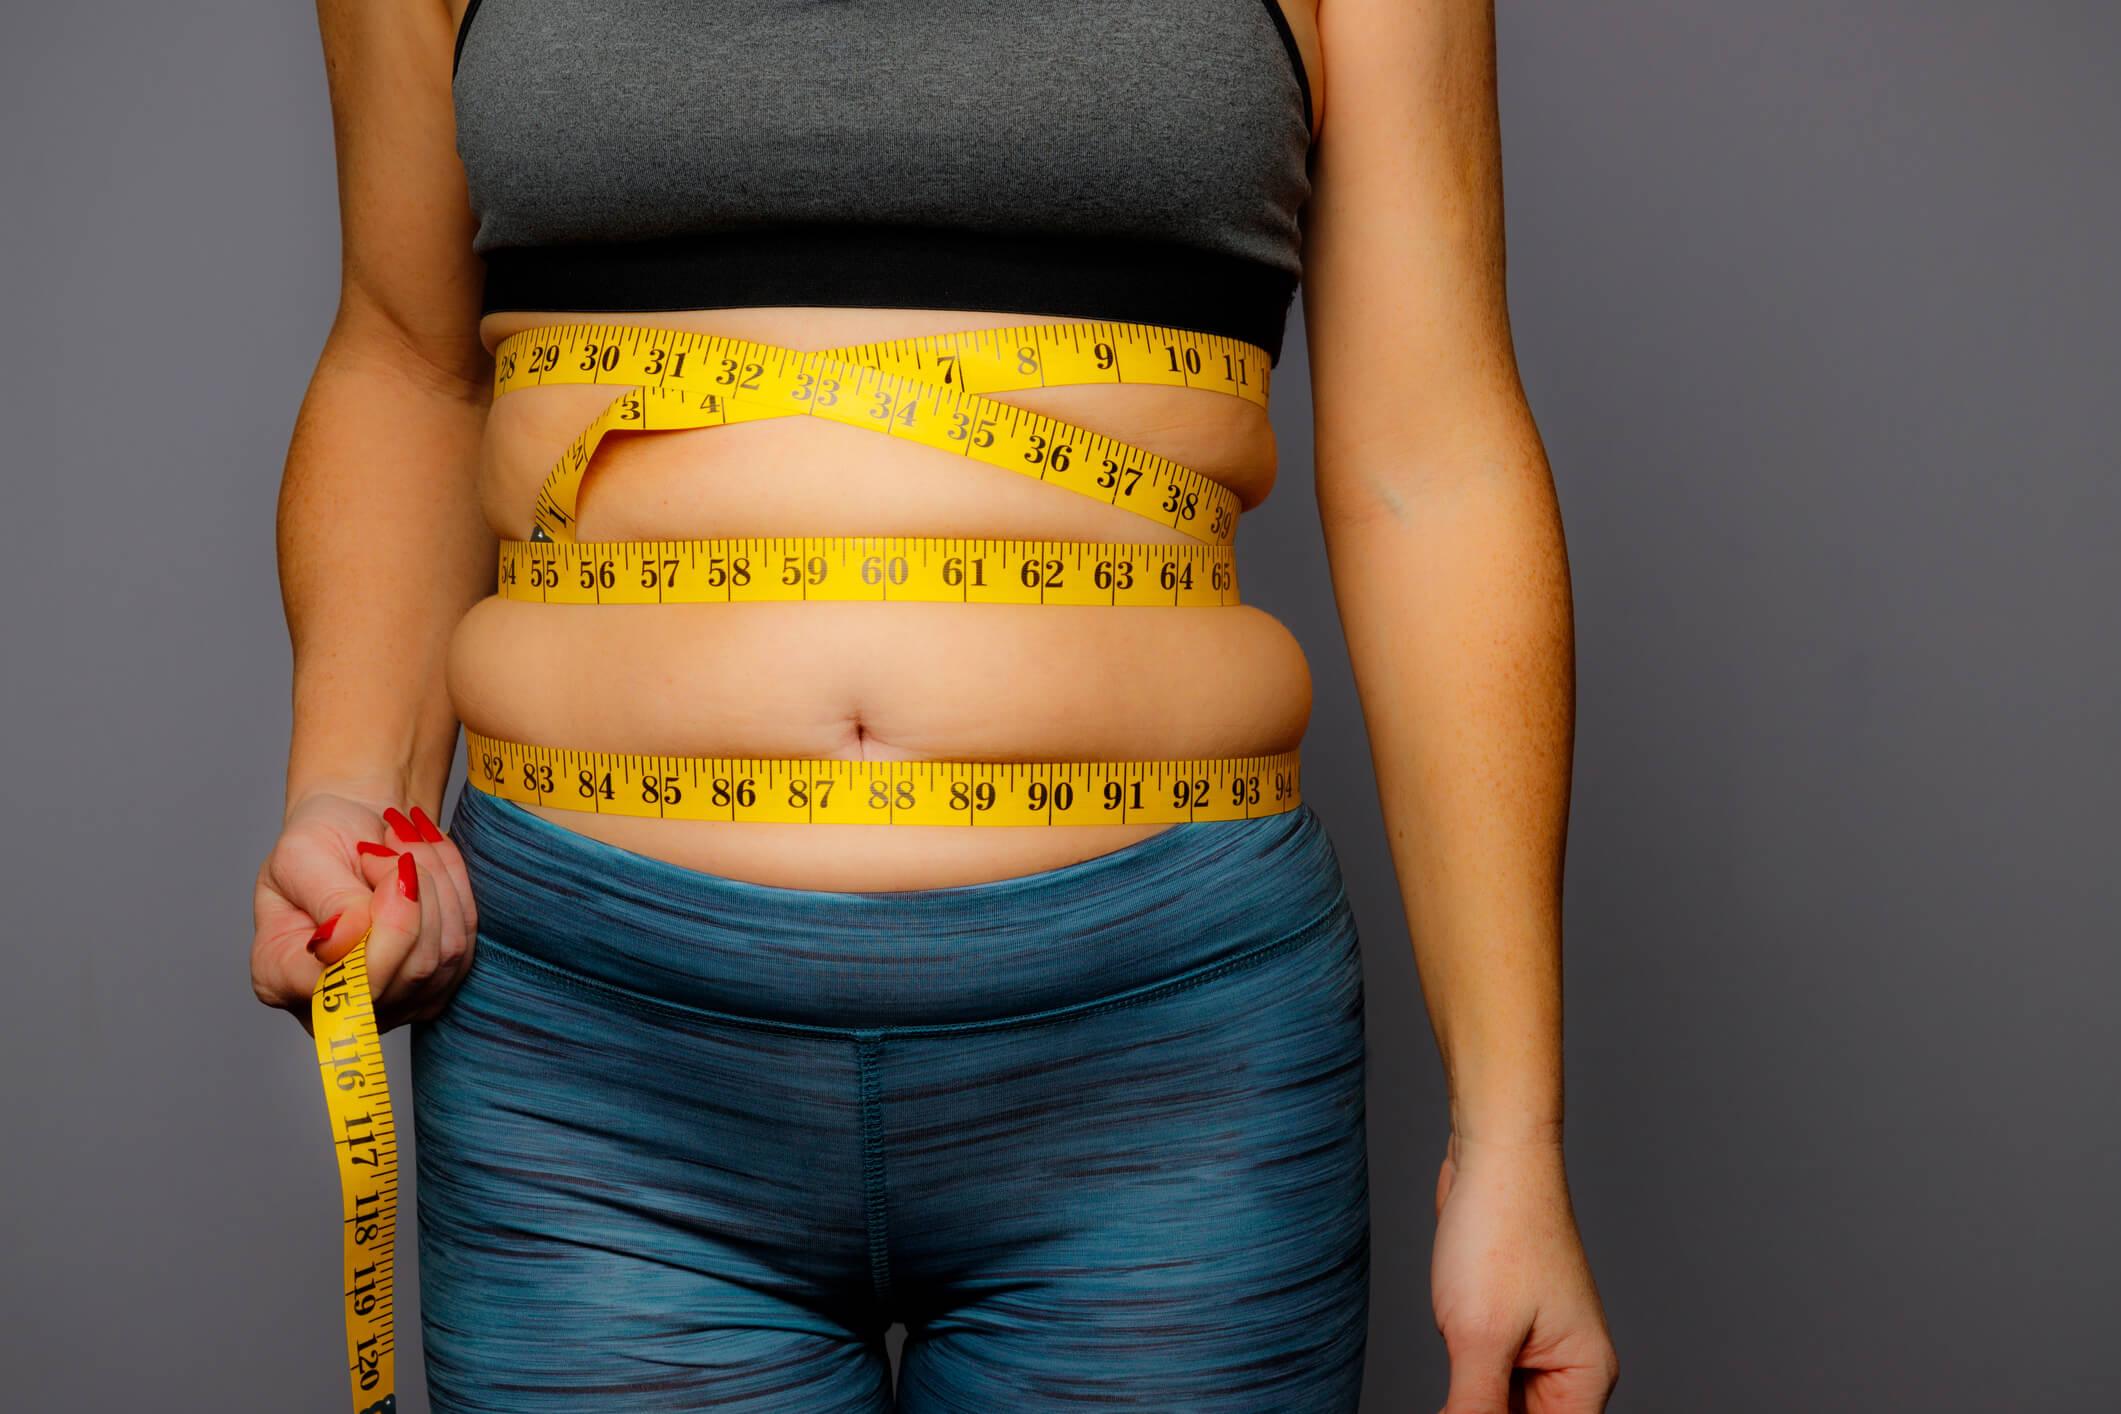 生酮、減醣還是斷食?想瘦身營養師推薦這張減肥菜單與飲食原則